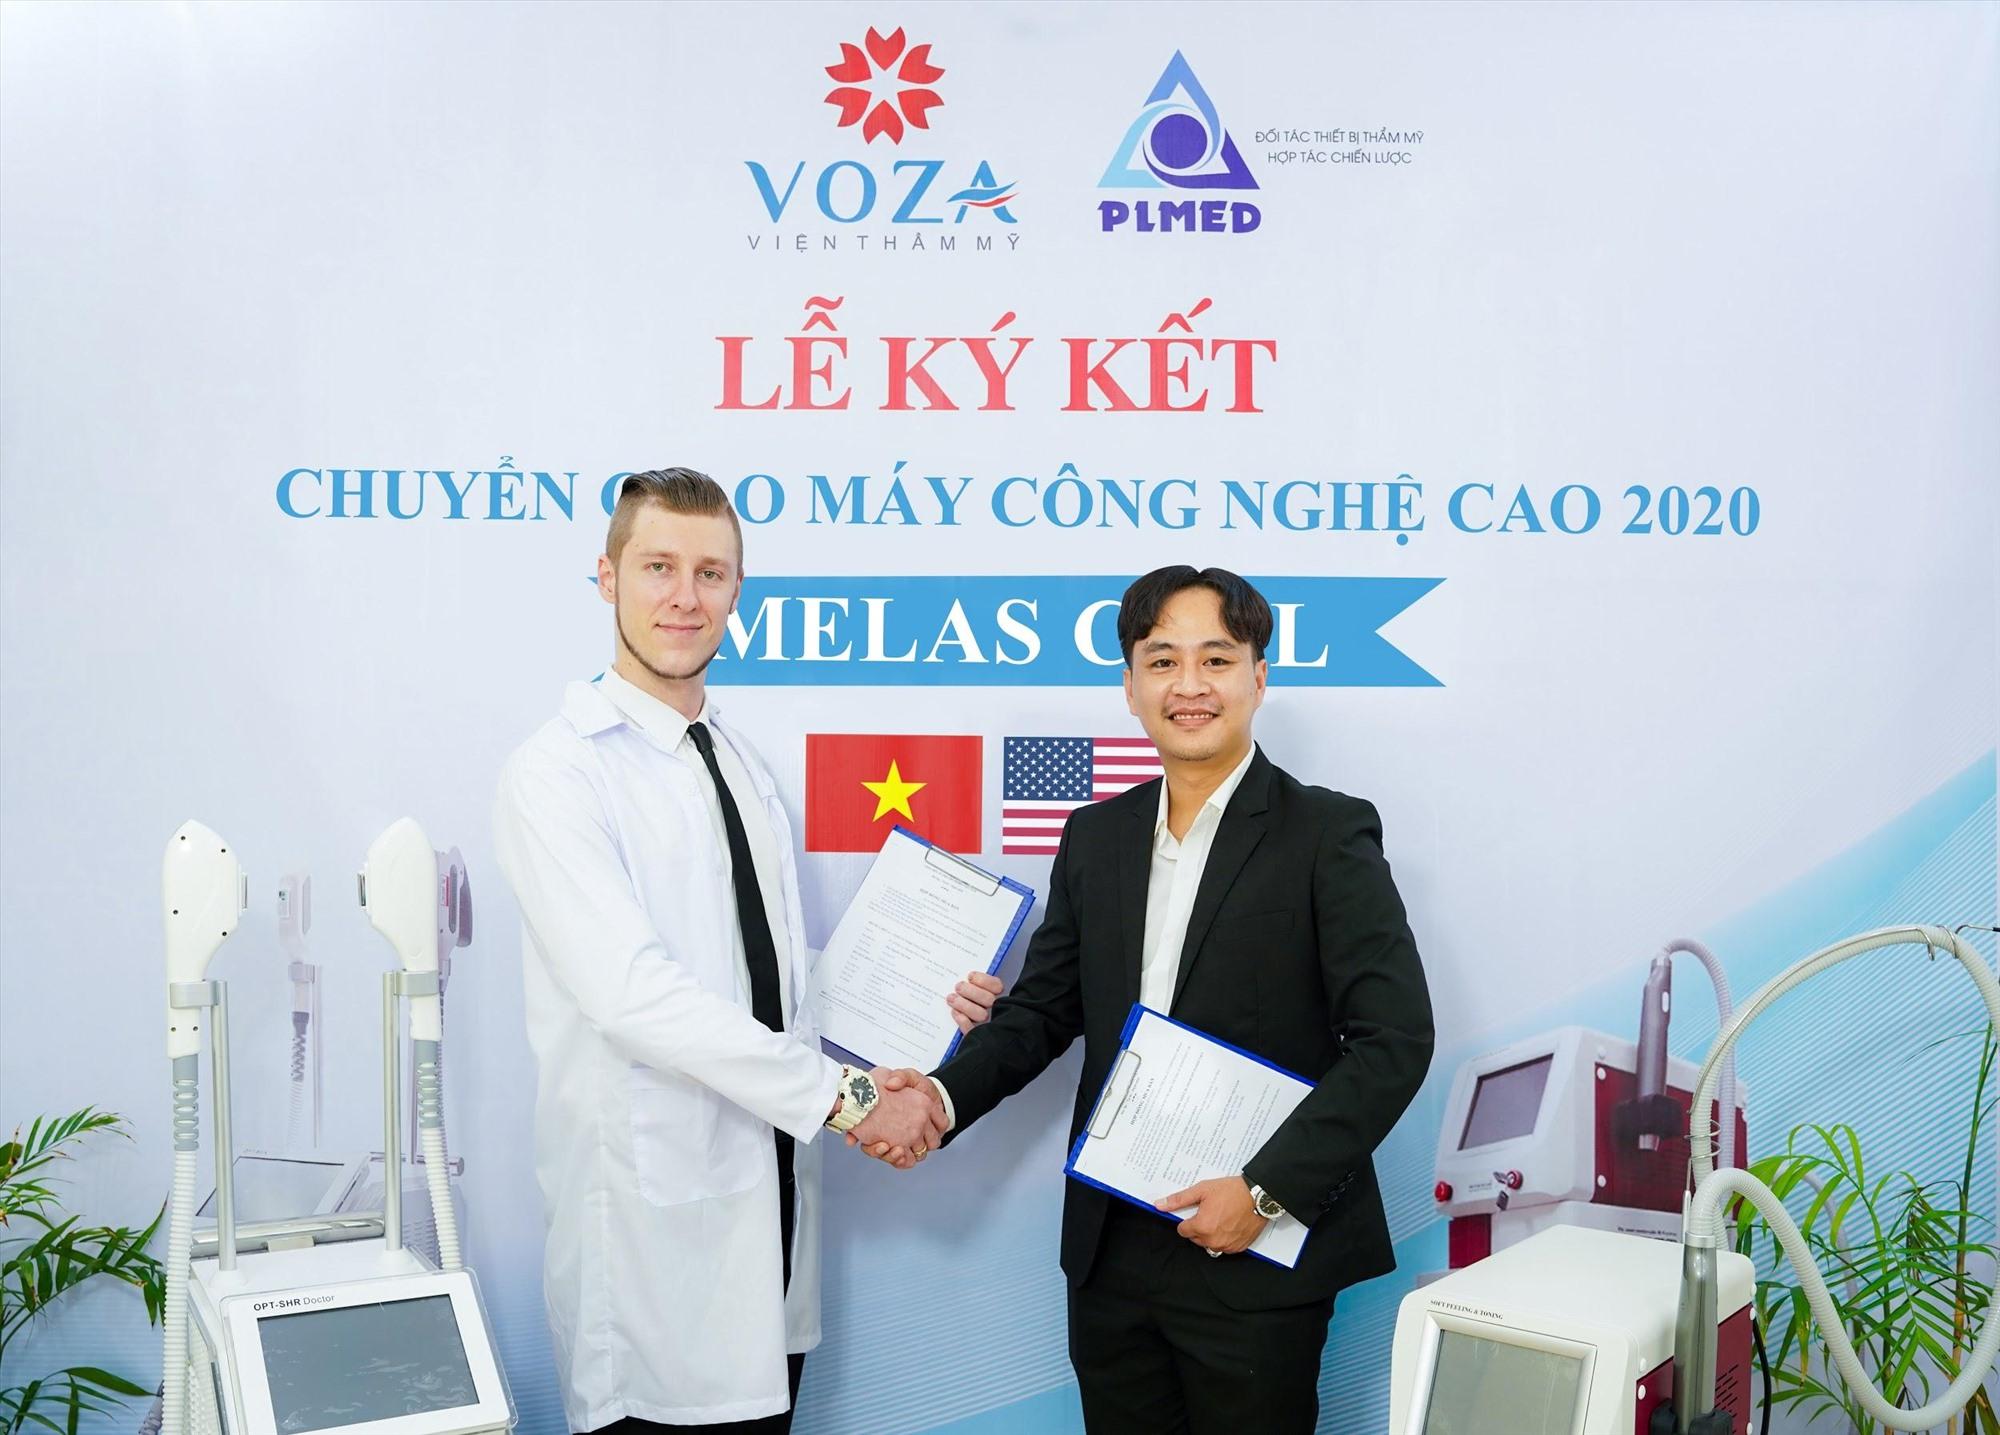 Ông Michael Tirant và ông Nguyễn Văn Nhựt hoàn tất quá trình chuyển giao công nghệ điều trị Nám Melas Cell